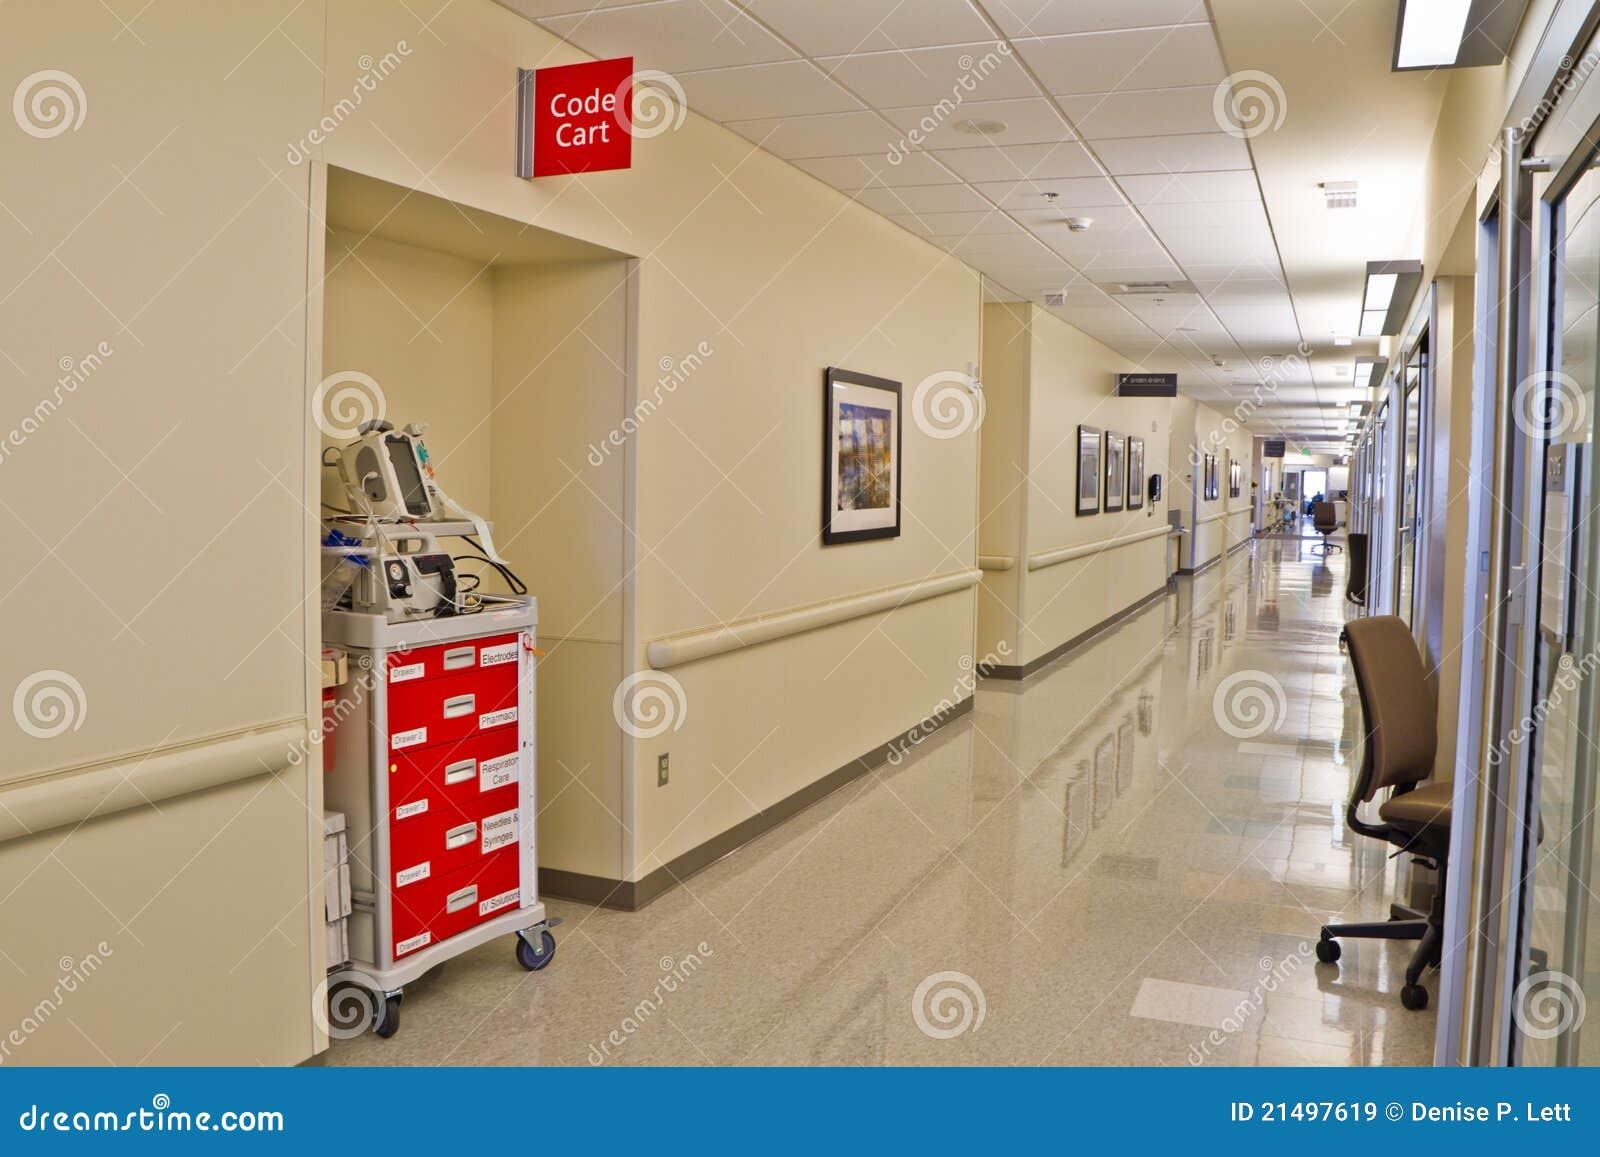 Emergency Code Cart Hospital Hallway Stock Image Image